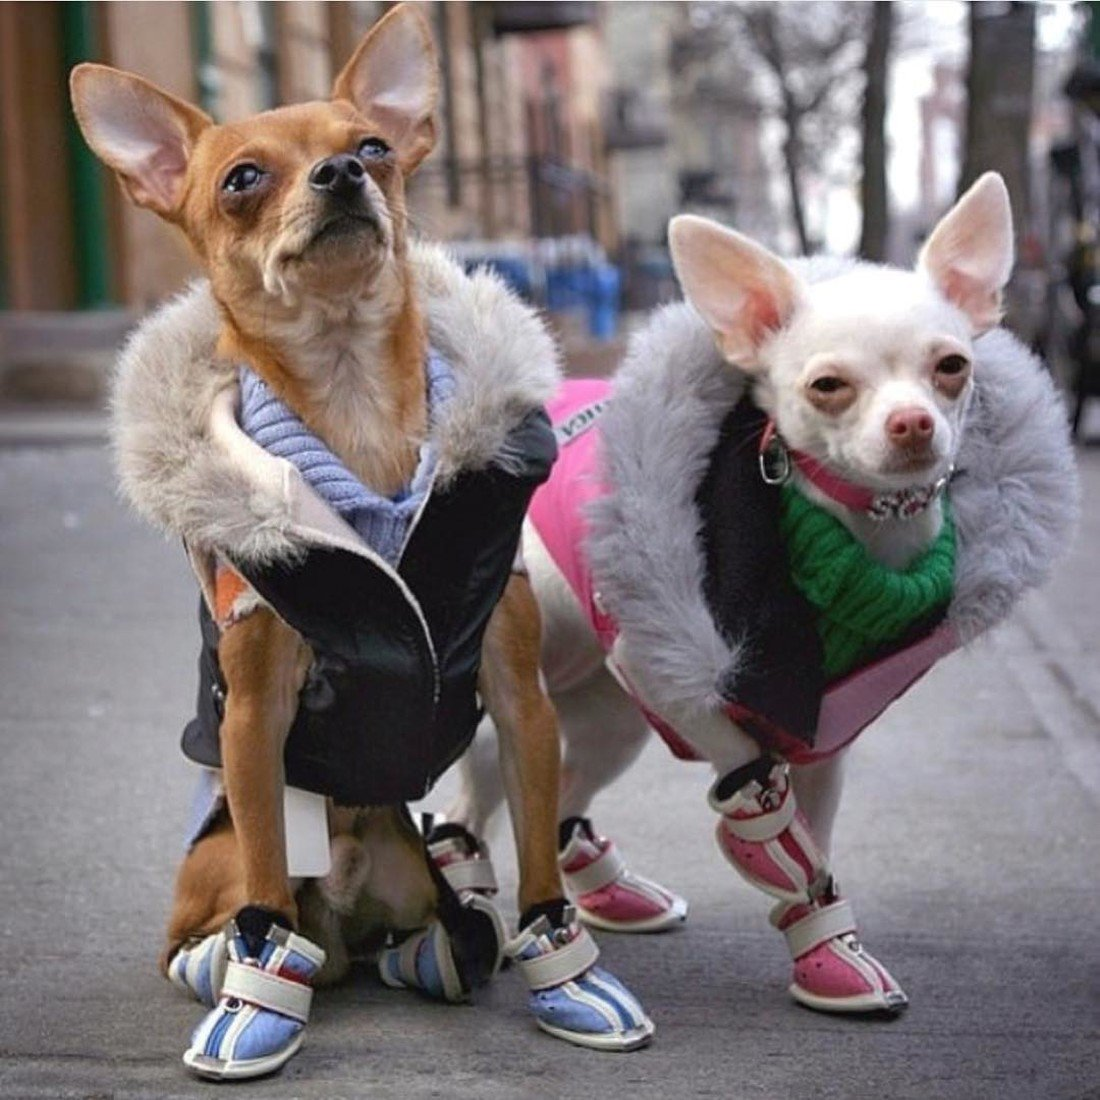 Марта поздравления, картинка смешная собака в одежде